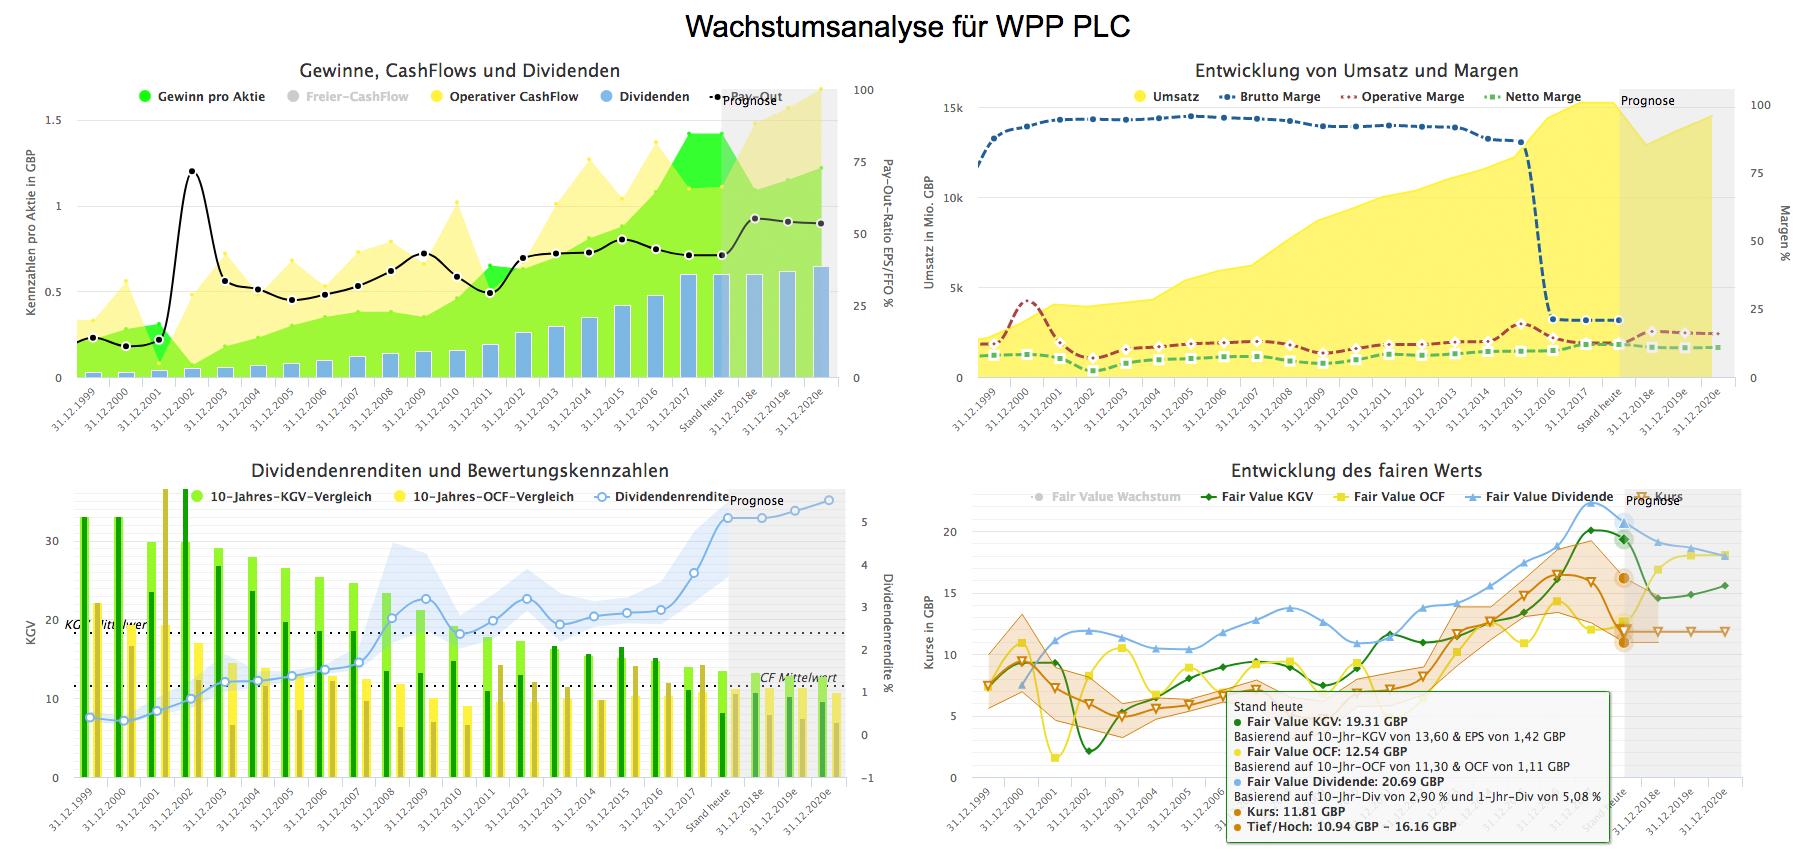 Wachstumsanalyse-WPP-PLC-Juli-2018 (Quelle: Aktienfinder.net)